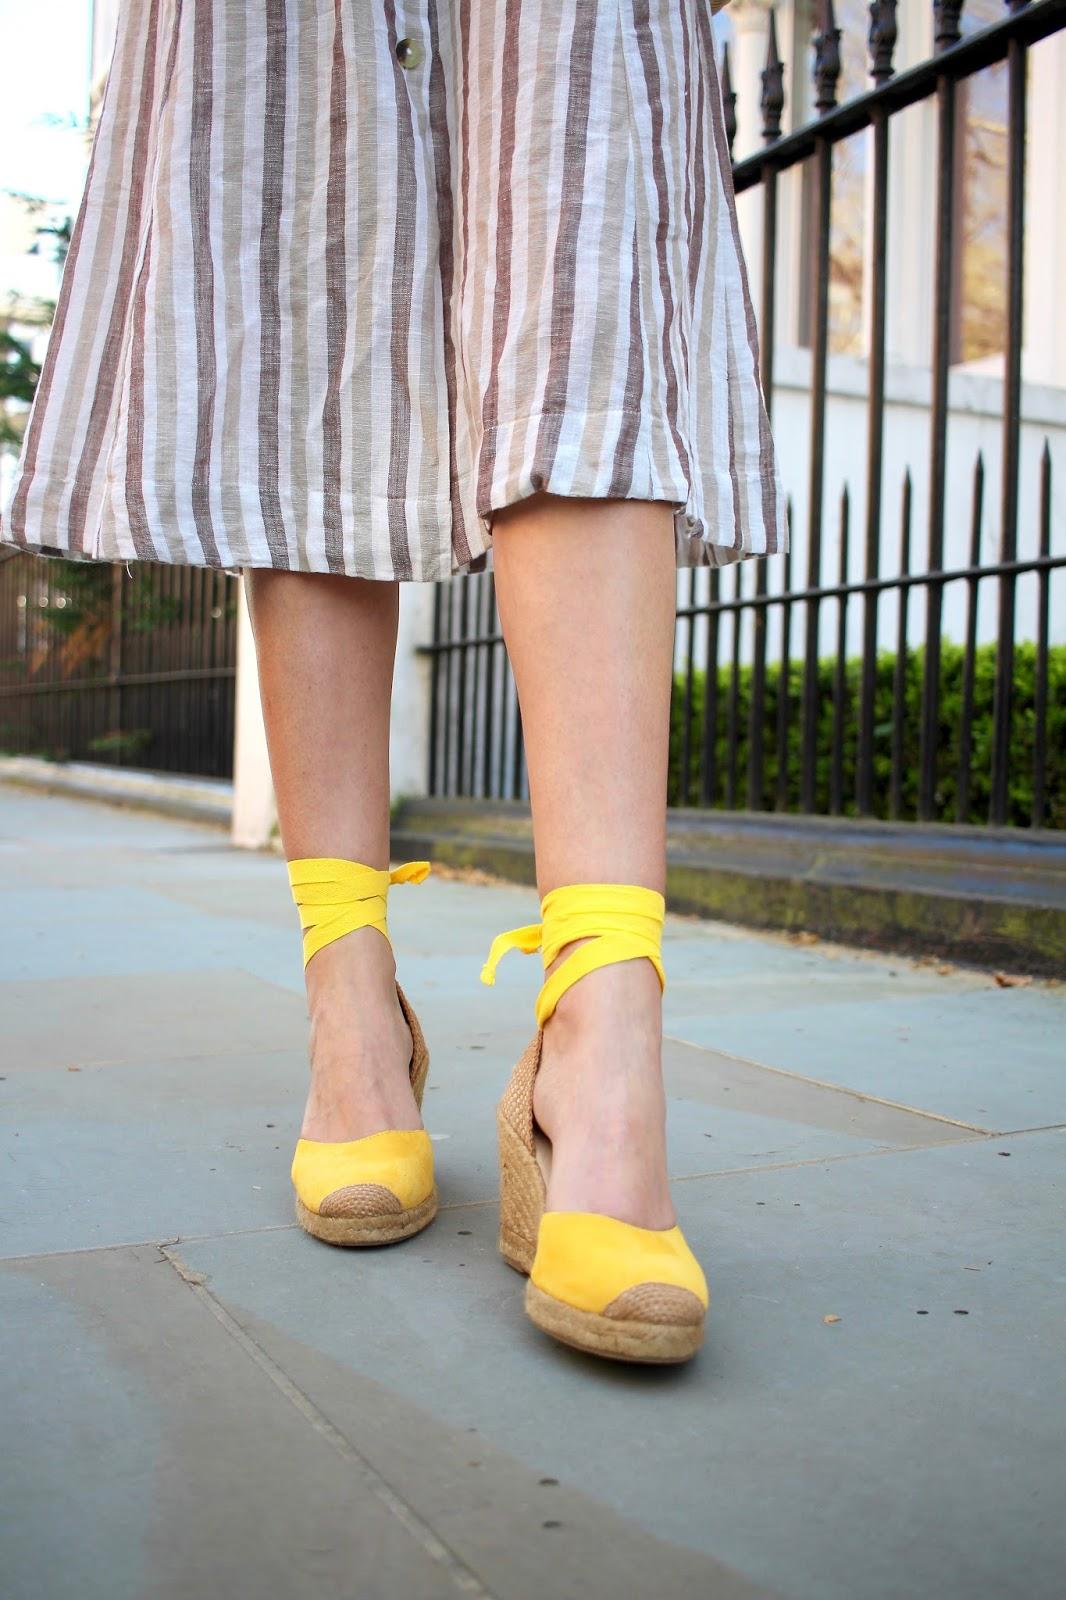 footwear styles house of fraser peexo